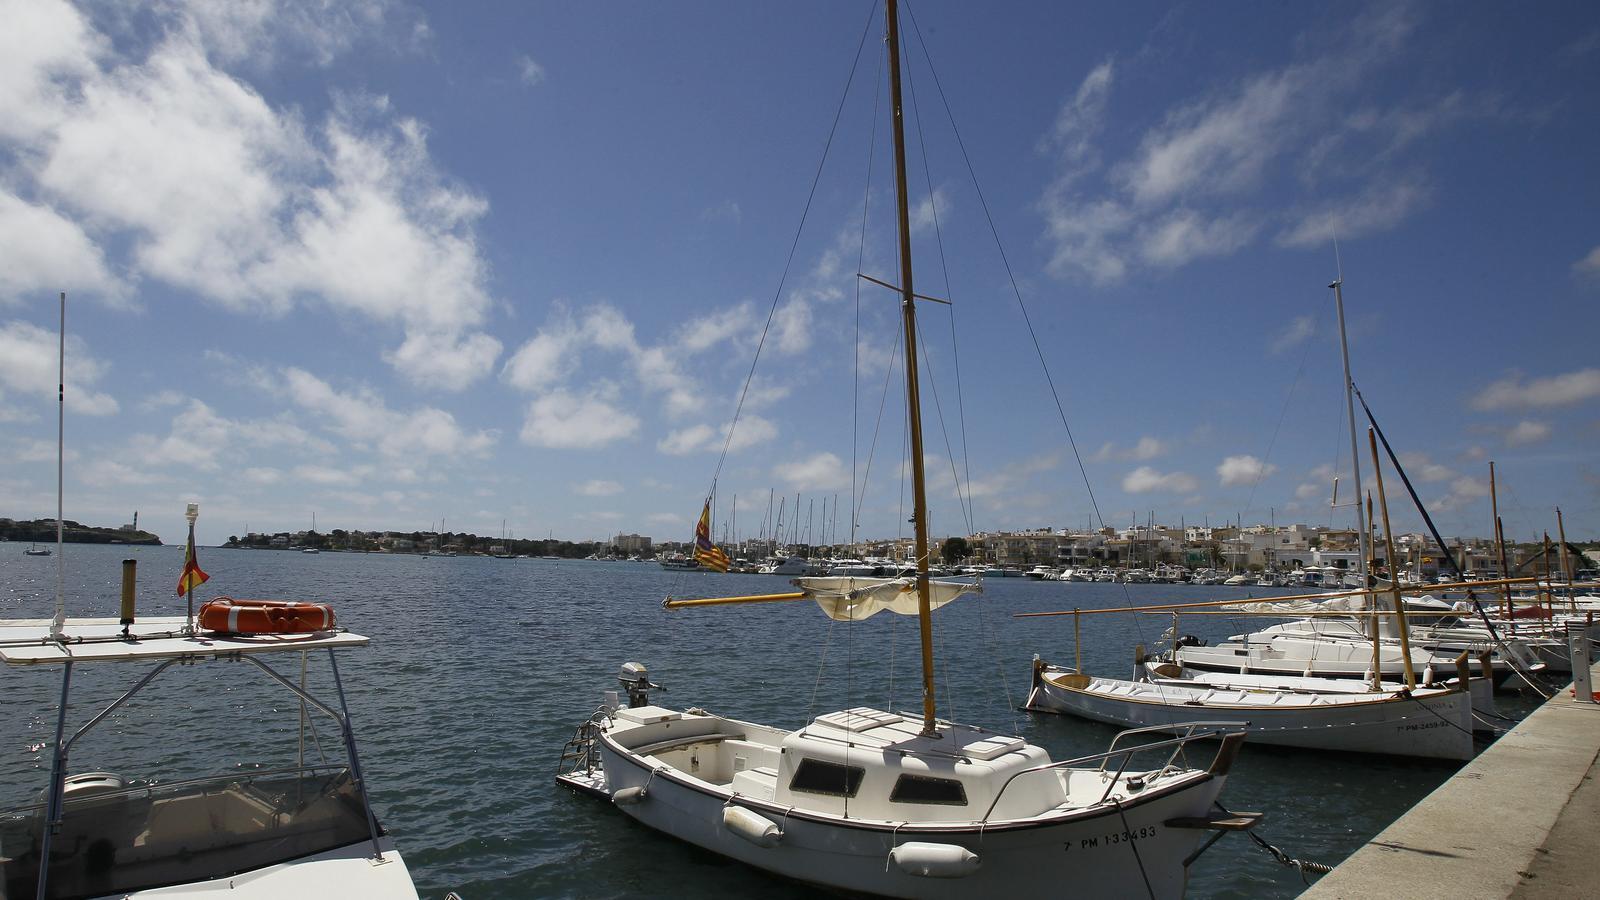 Barques en el port de Portocolom.